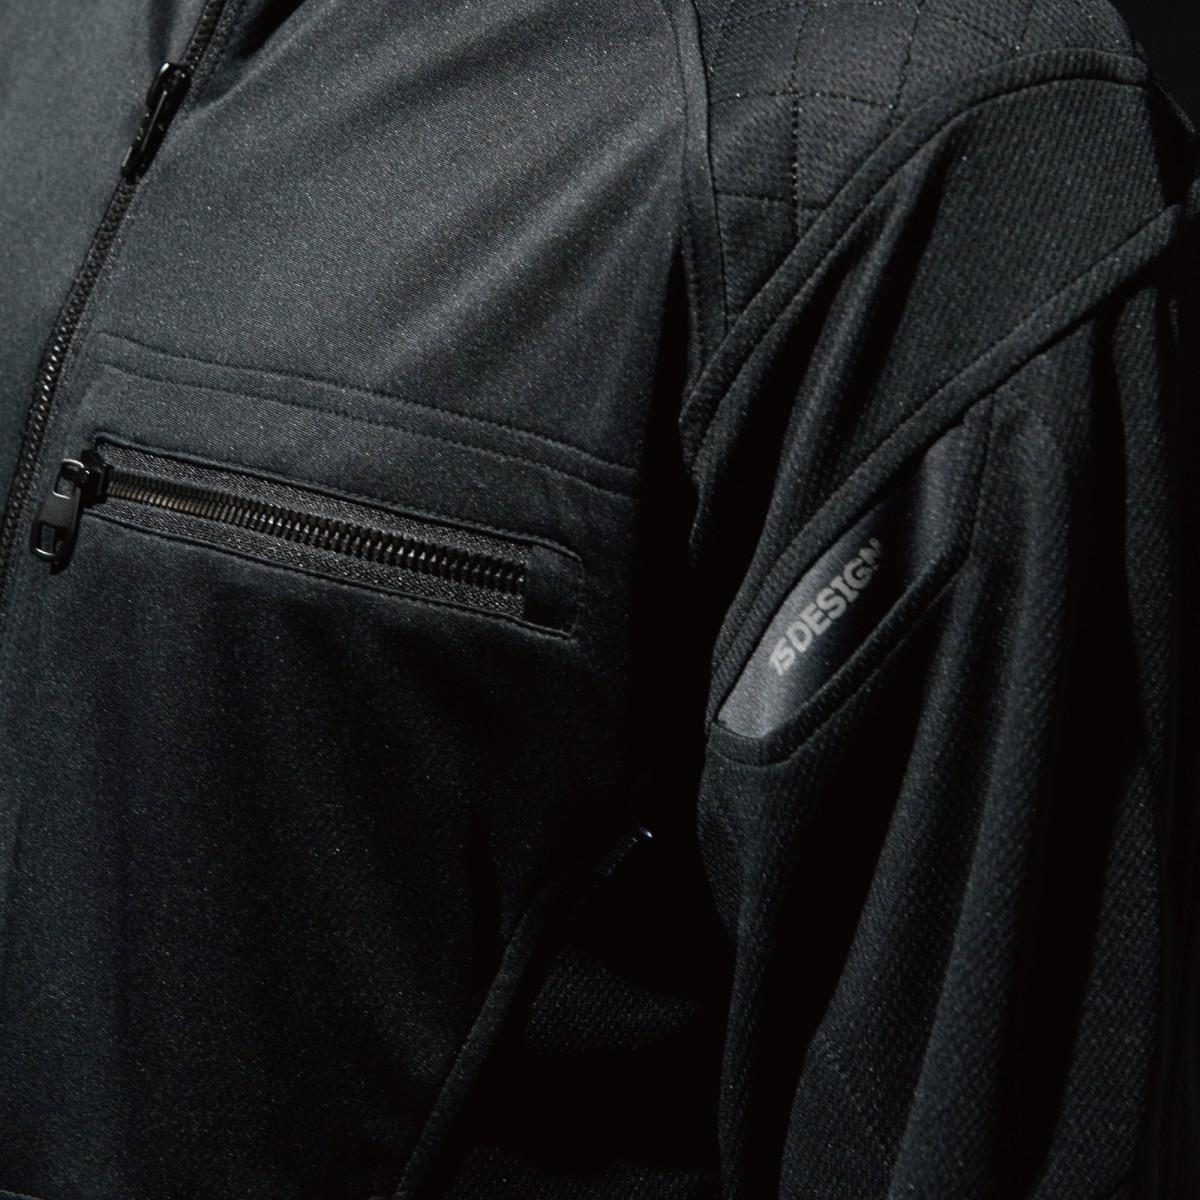 846305 ワークニットロングシャツ 左胸 ファスナーポケットで便利です。